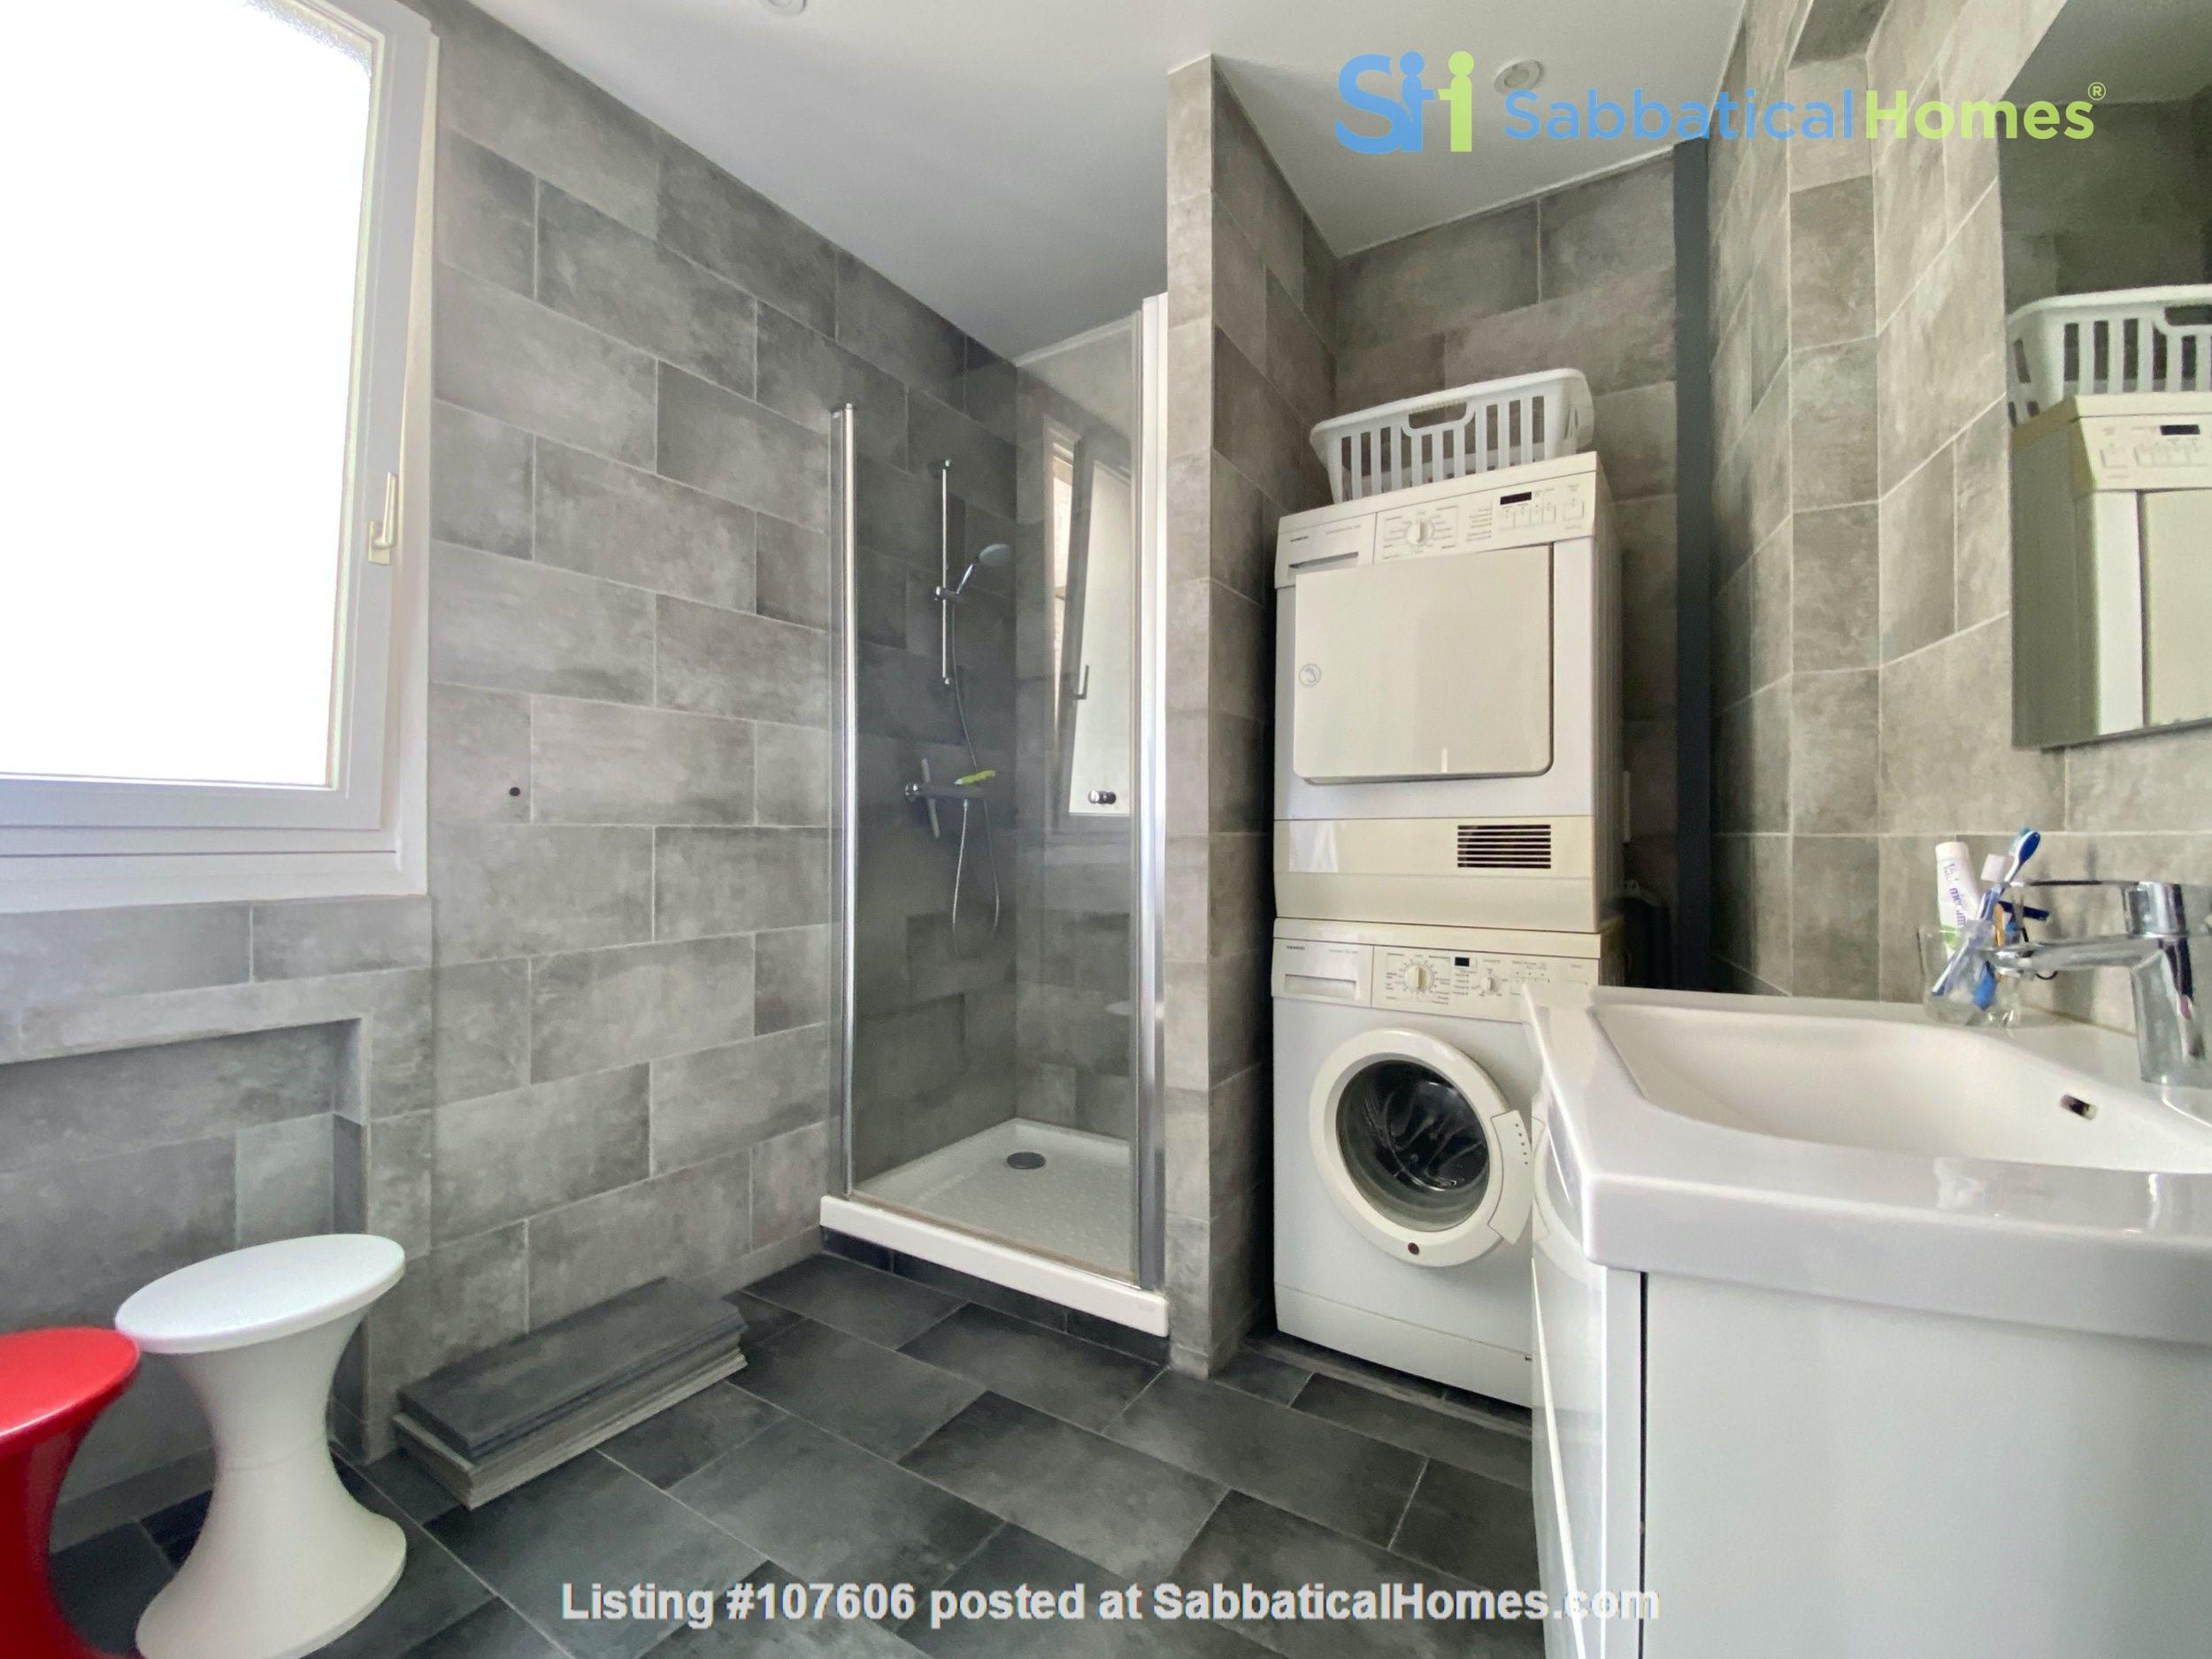 Apartment for rent in Paris XVIeme Home Rental in Paris 4